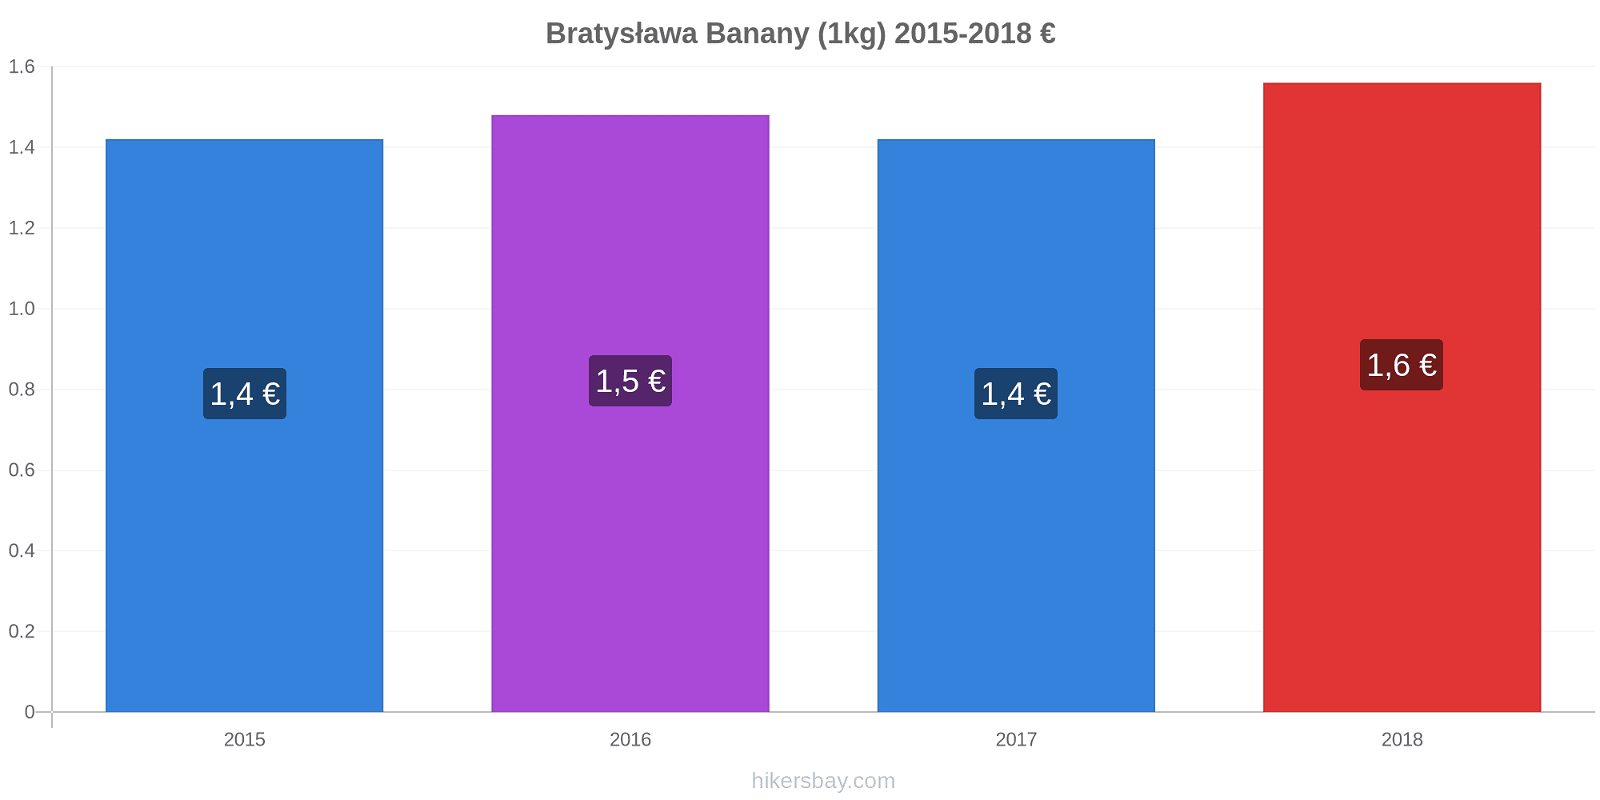 Bratysława zmiany cen Banany (1kg) hikersbay.com